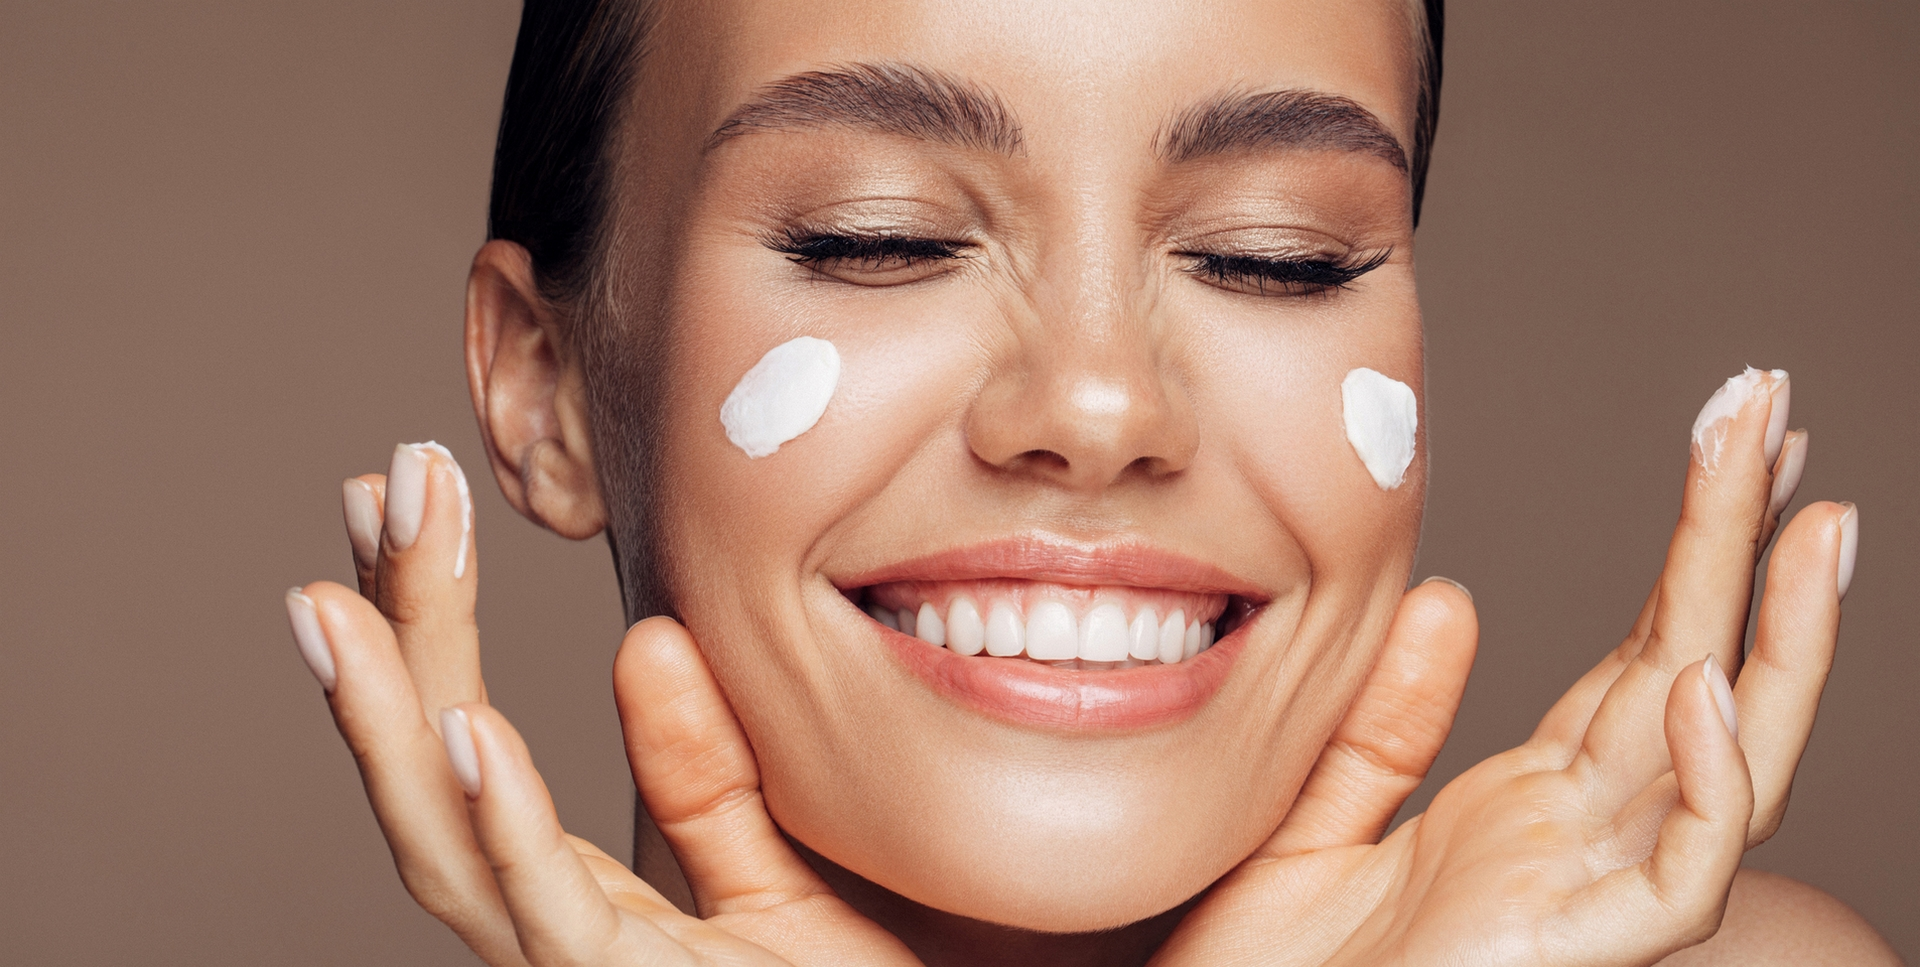 jeune femme souriante avec de la crème sur le visage